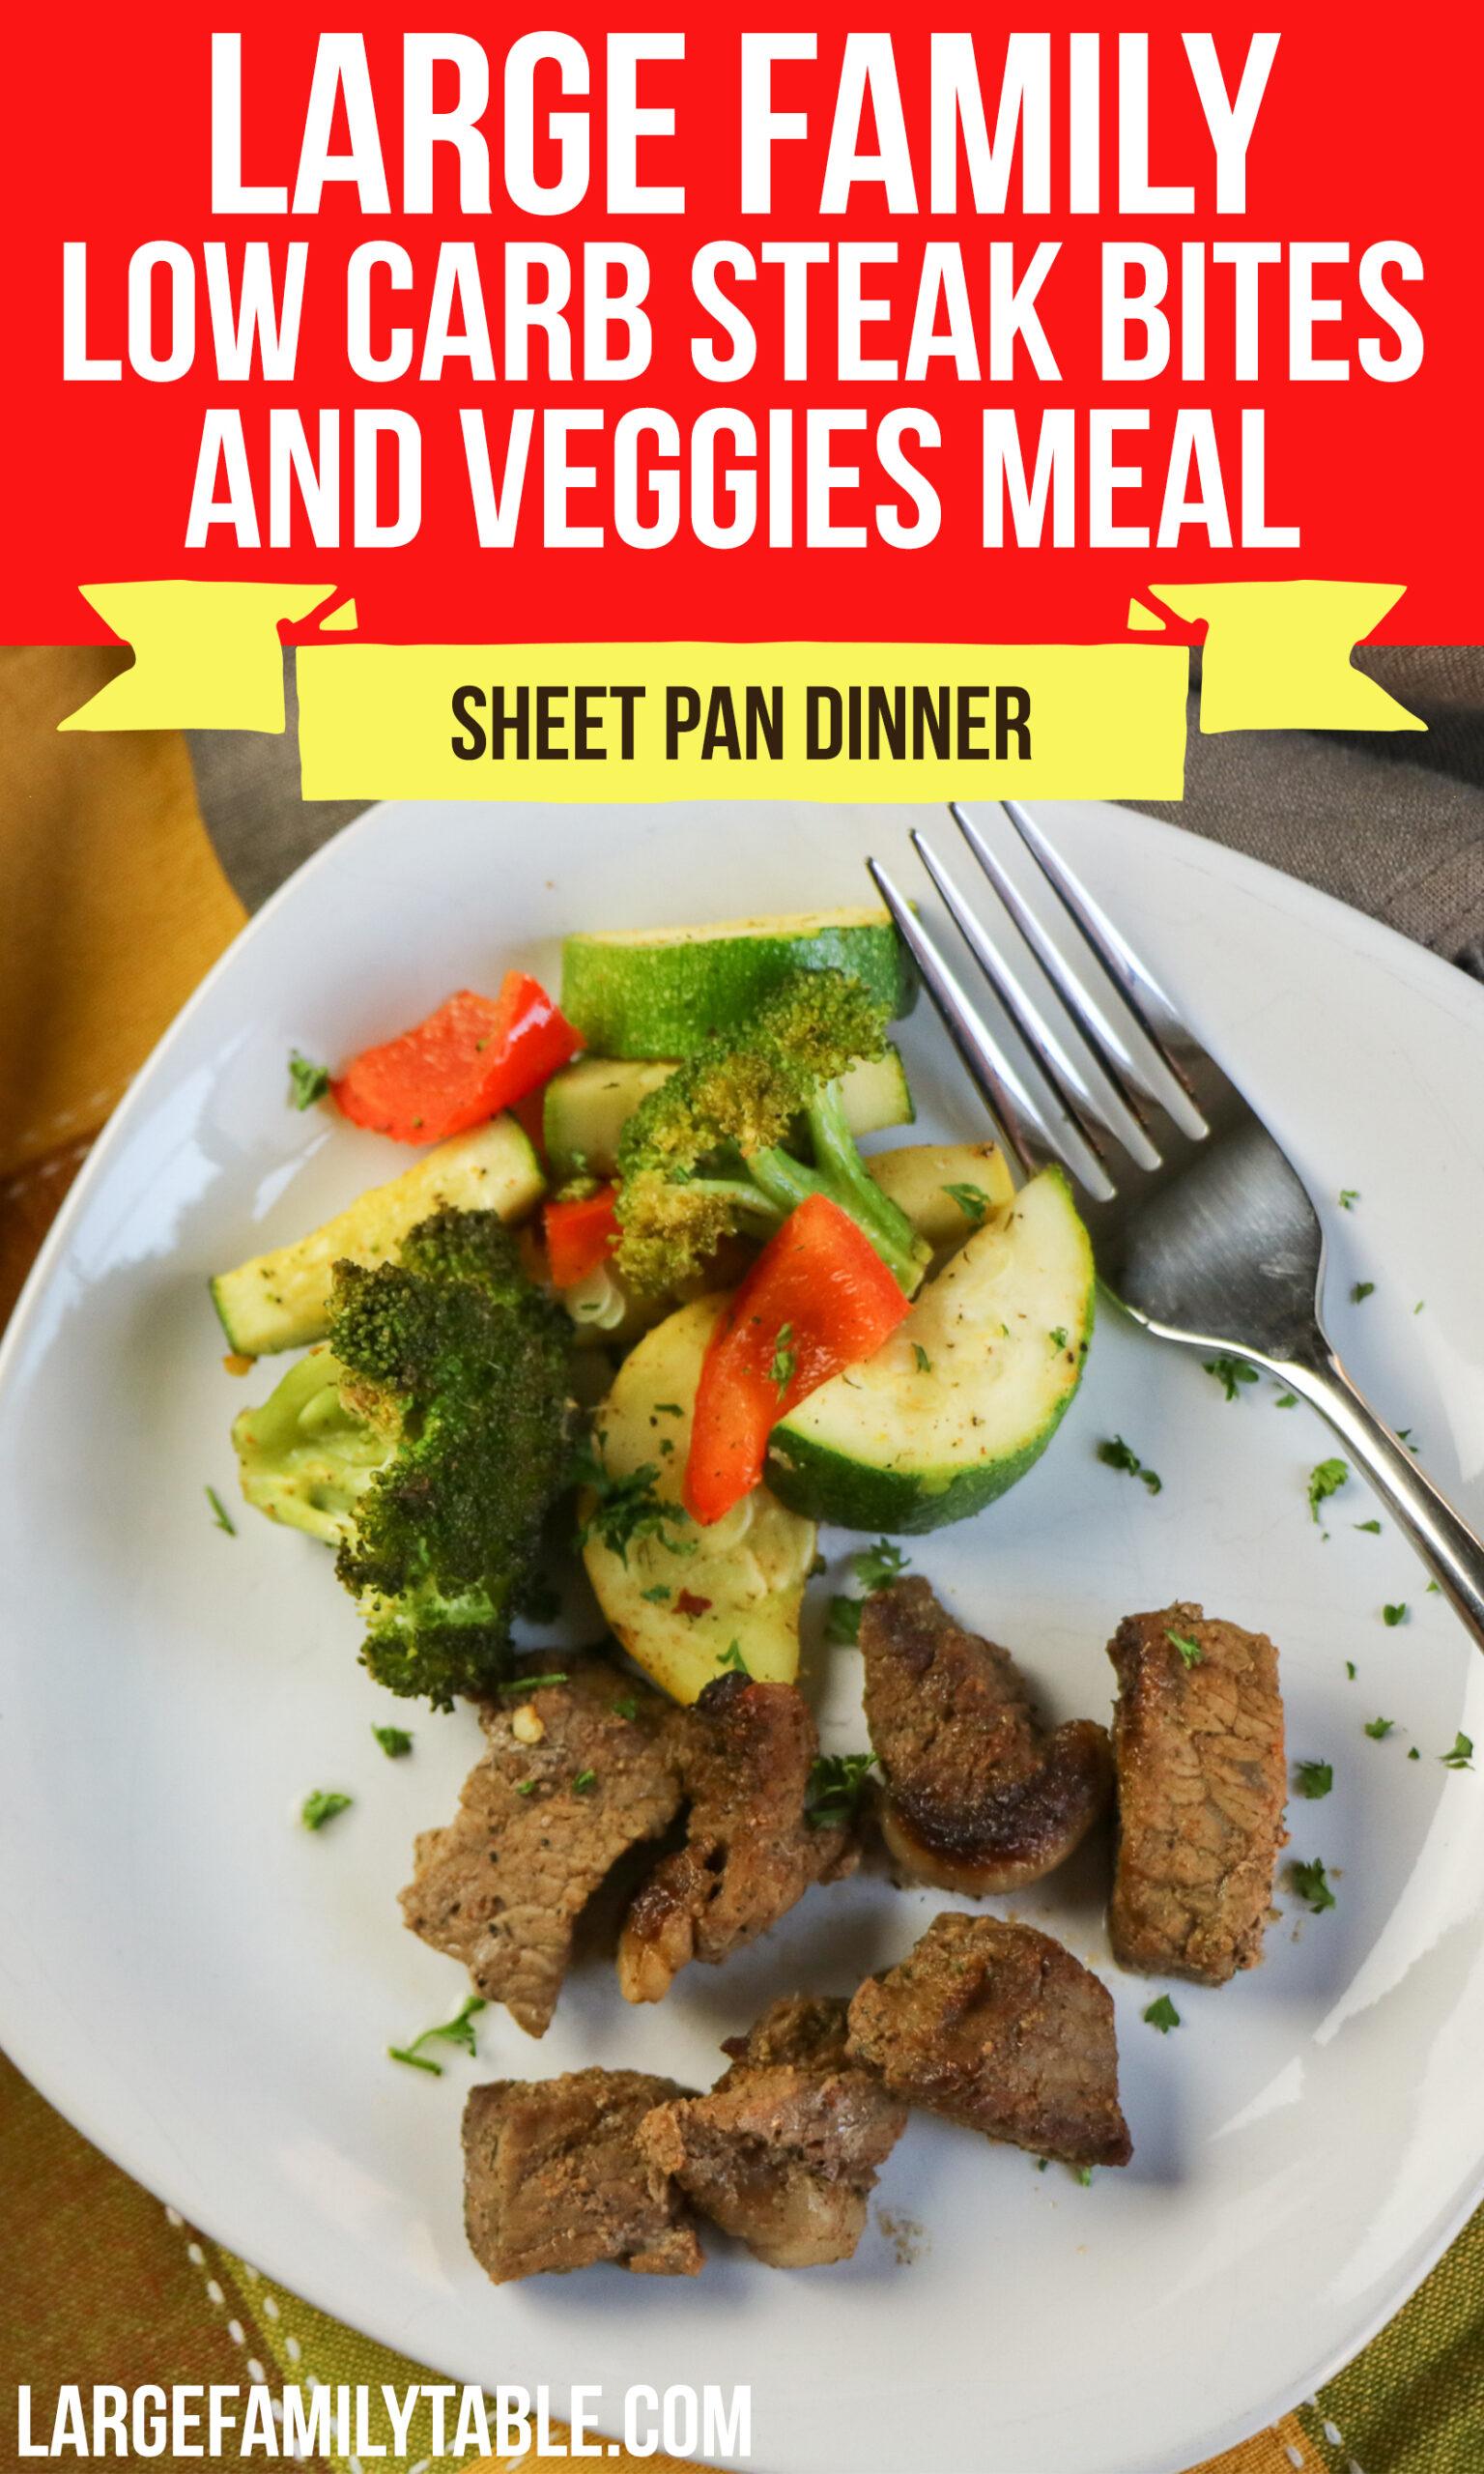 Large Family Low Carb Sheet Pan Steak and Veggie Bites